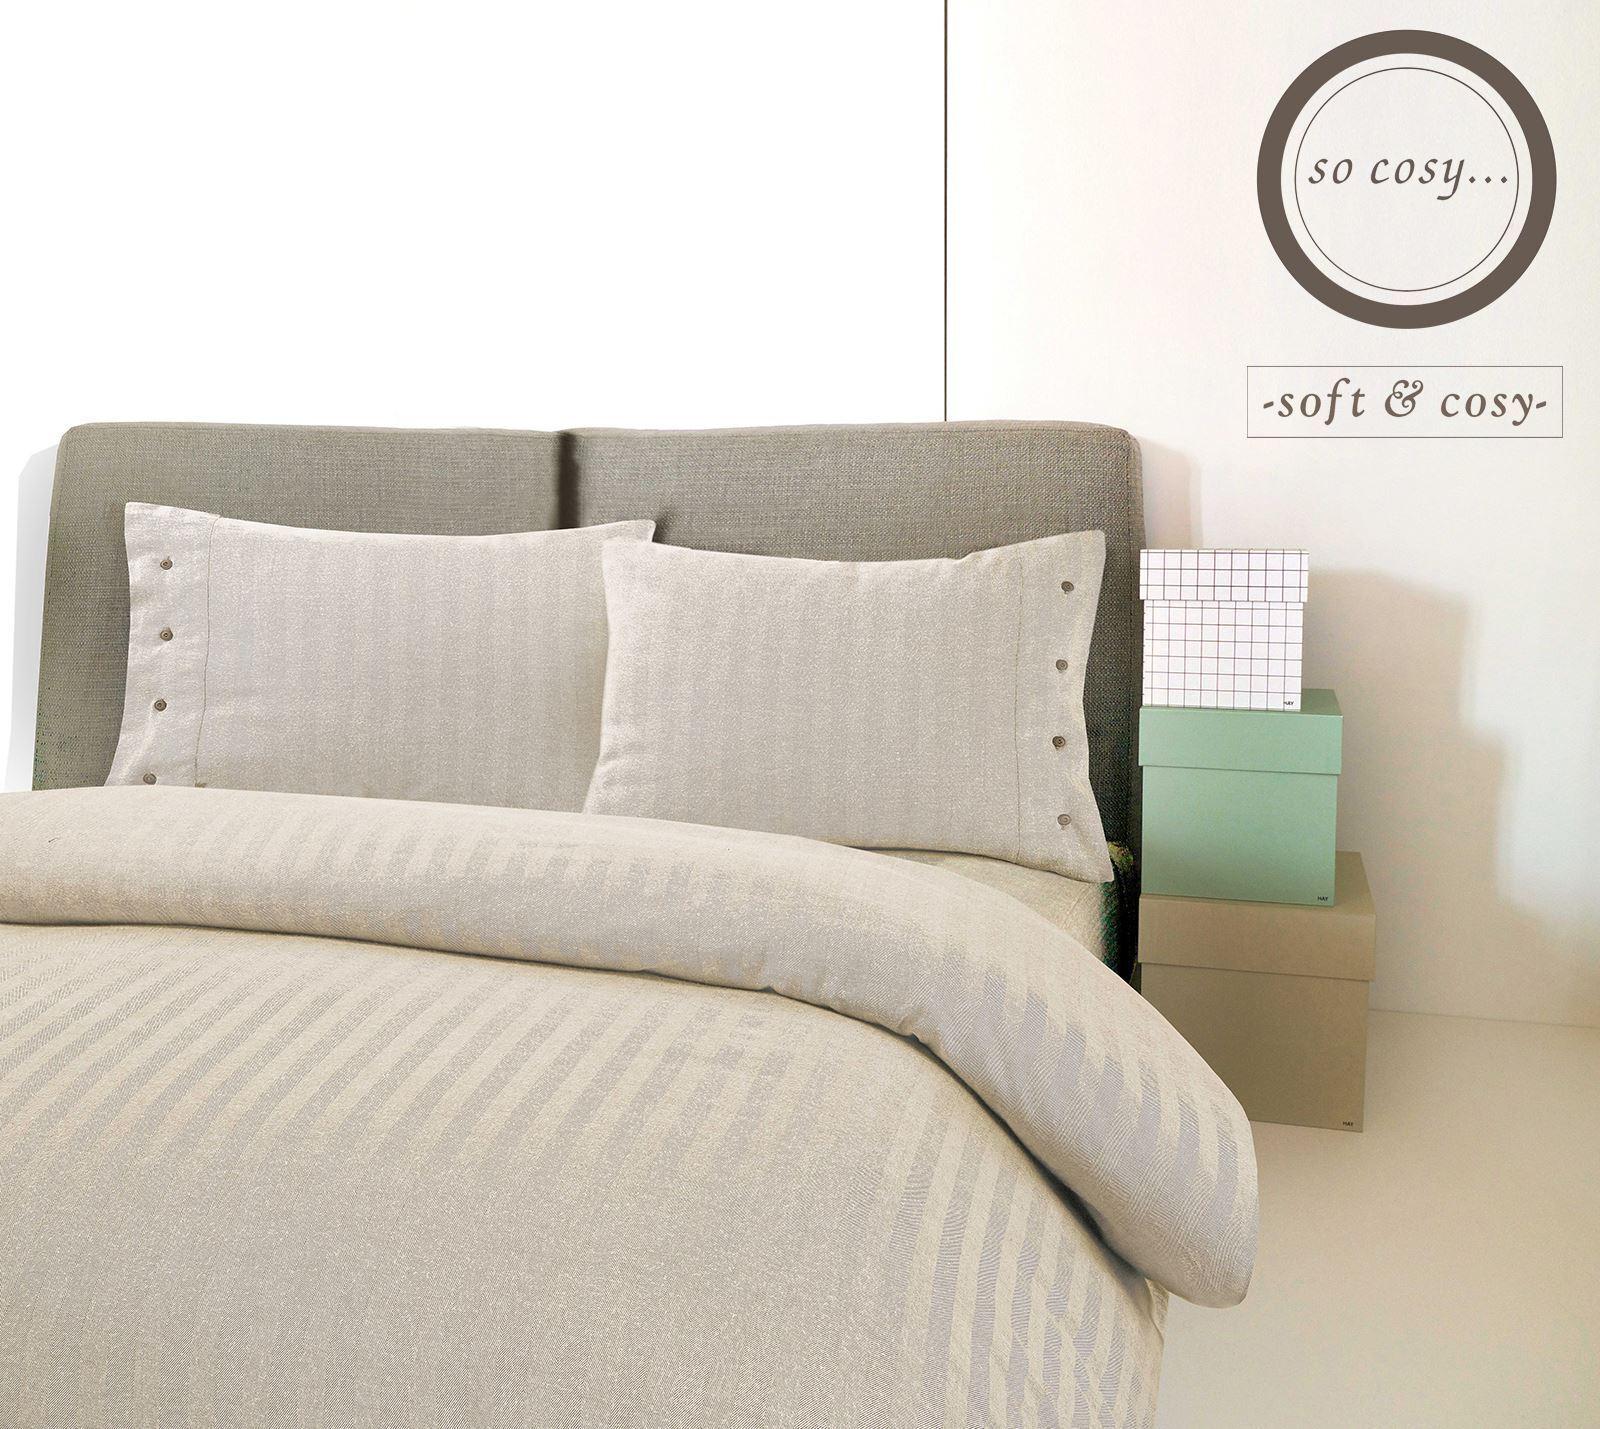 Herringbone Woven Beige 100% Brushed Cotton Flannel Flannelette Duvet Startseite Set